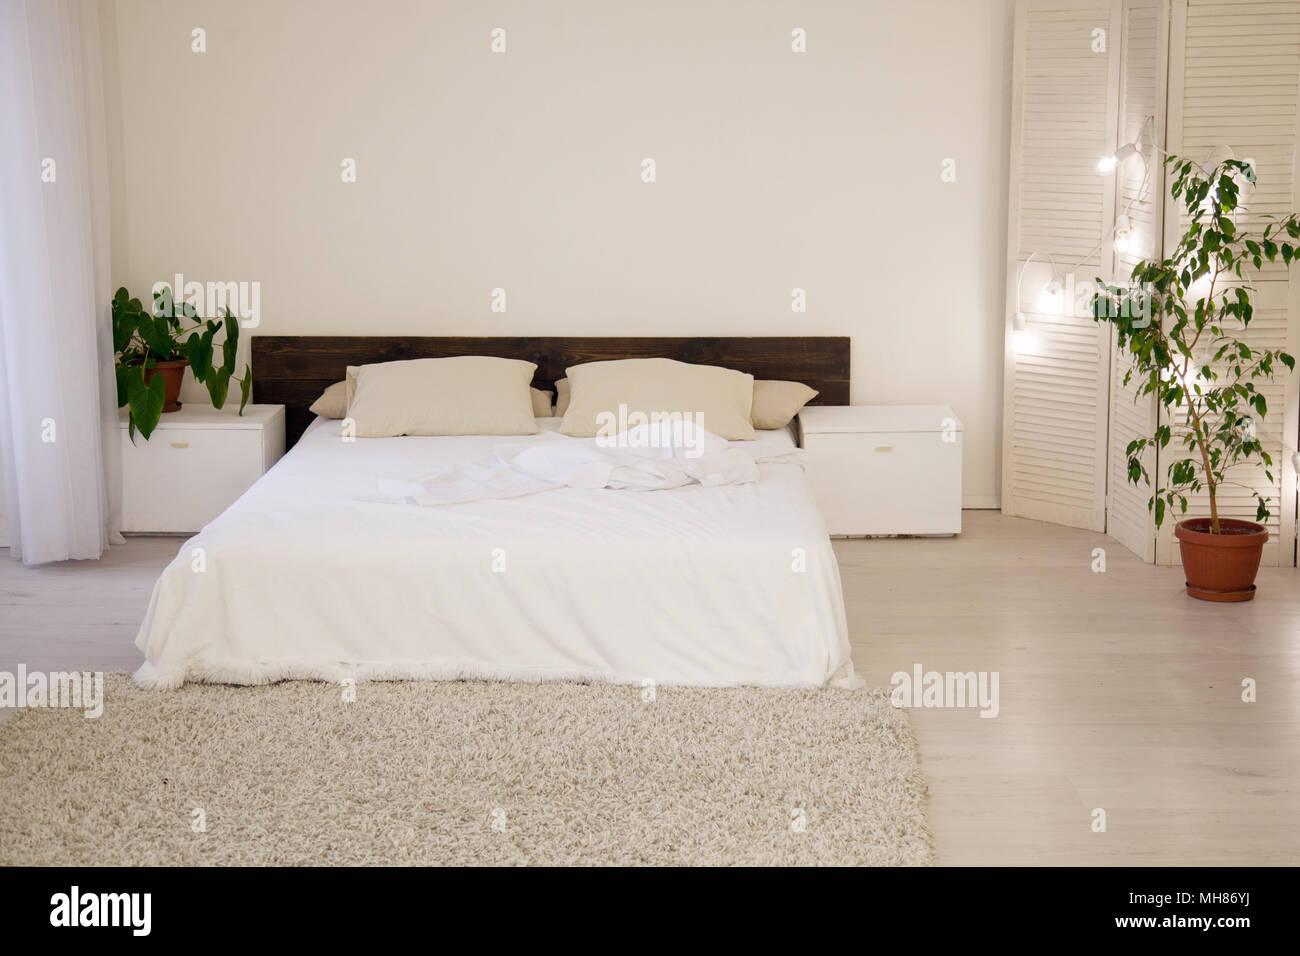 Bett und grünen Pflanzen in Weiß Schlafzimmer Stockfoto, Bild ...